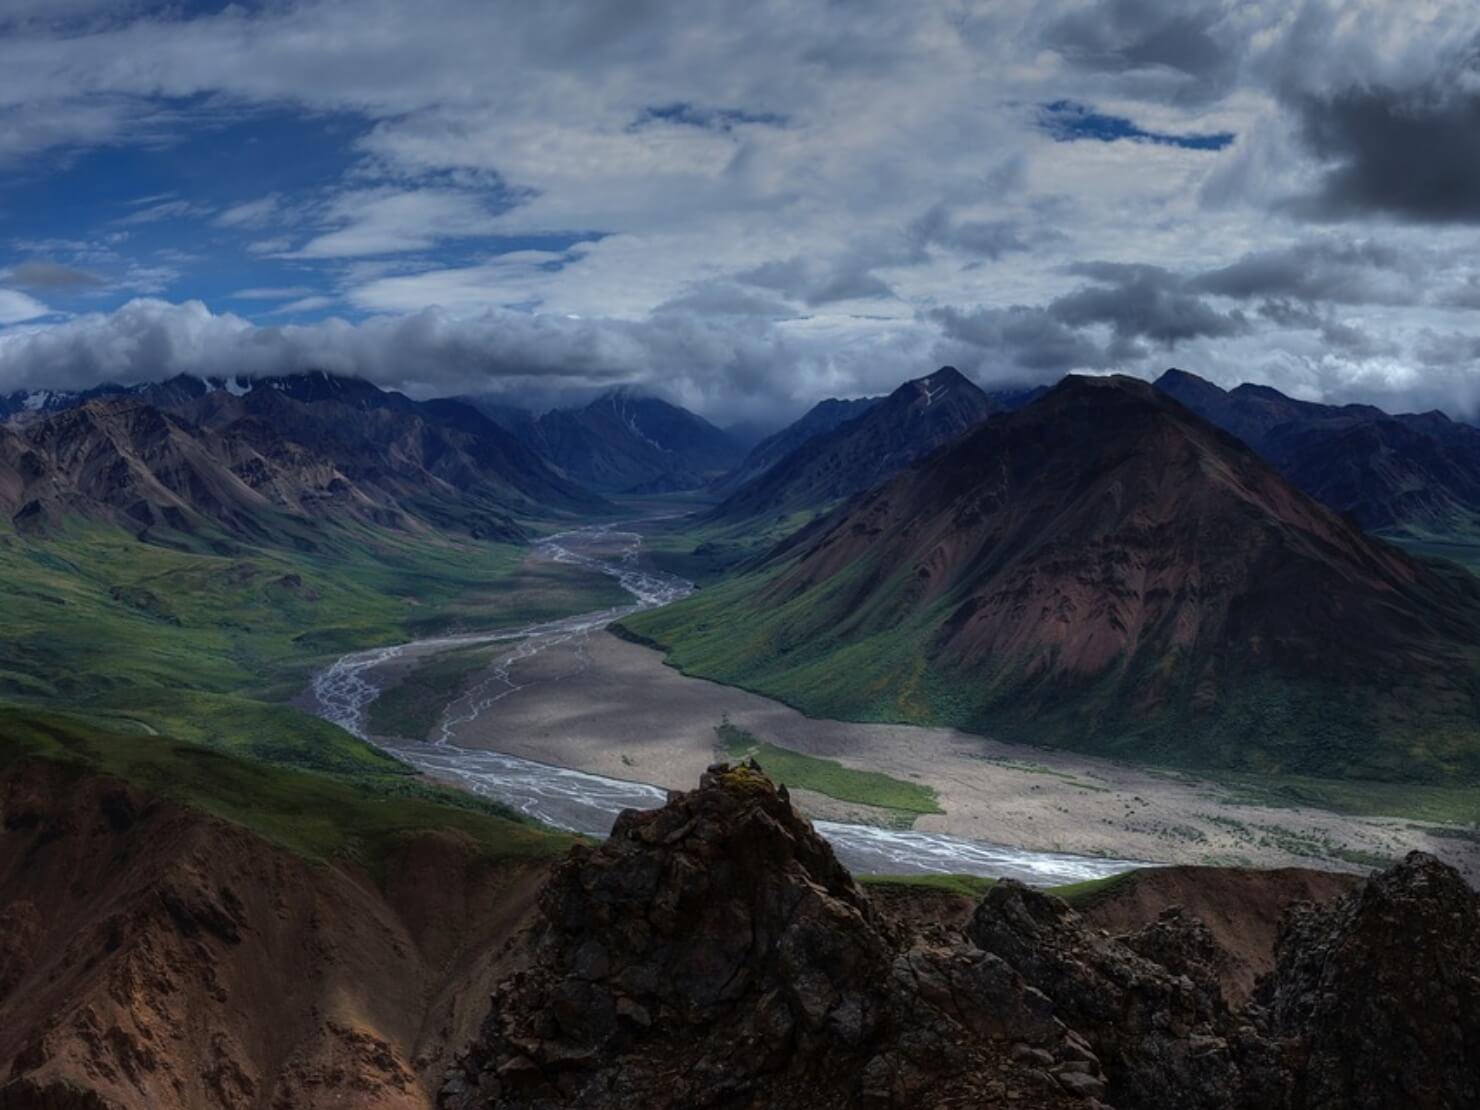 山の景色の写真